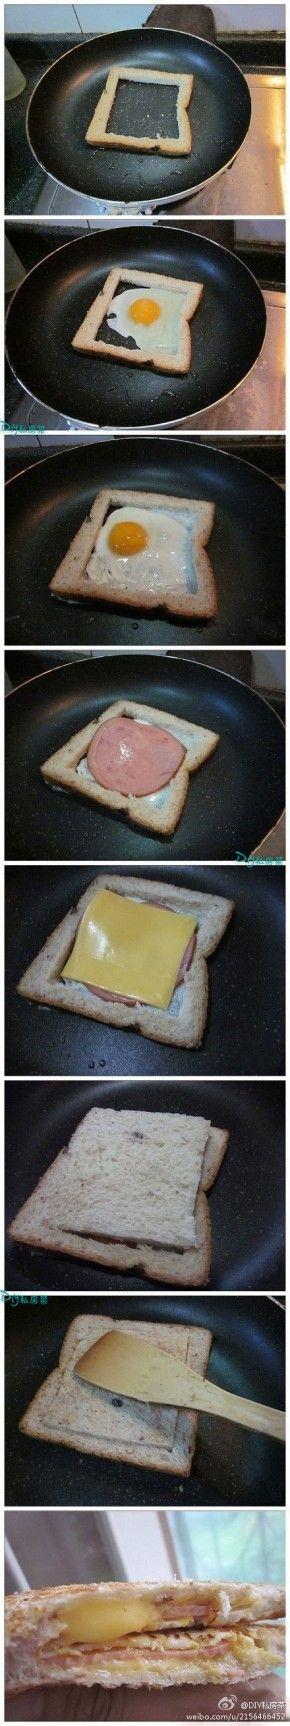 Brood, ei, ham, kaas, brood.. WOW!